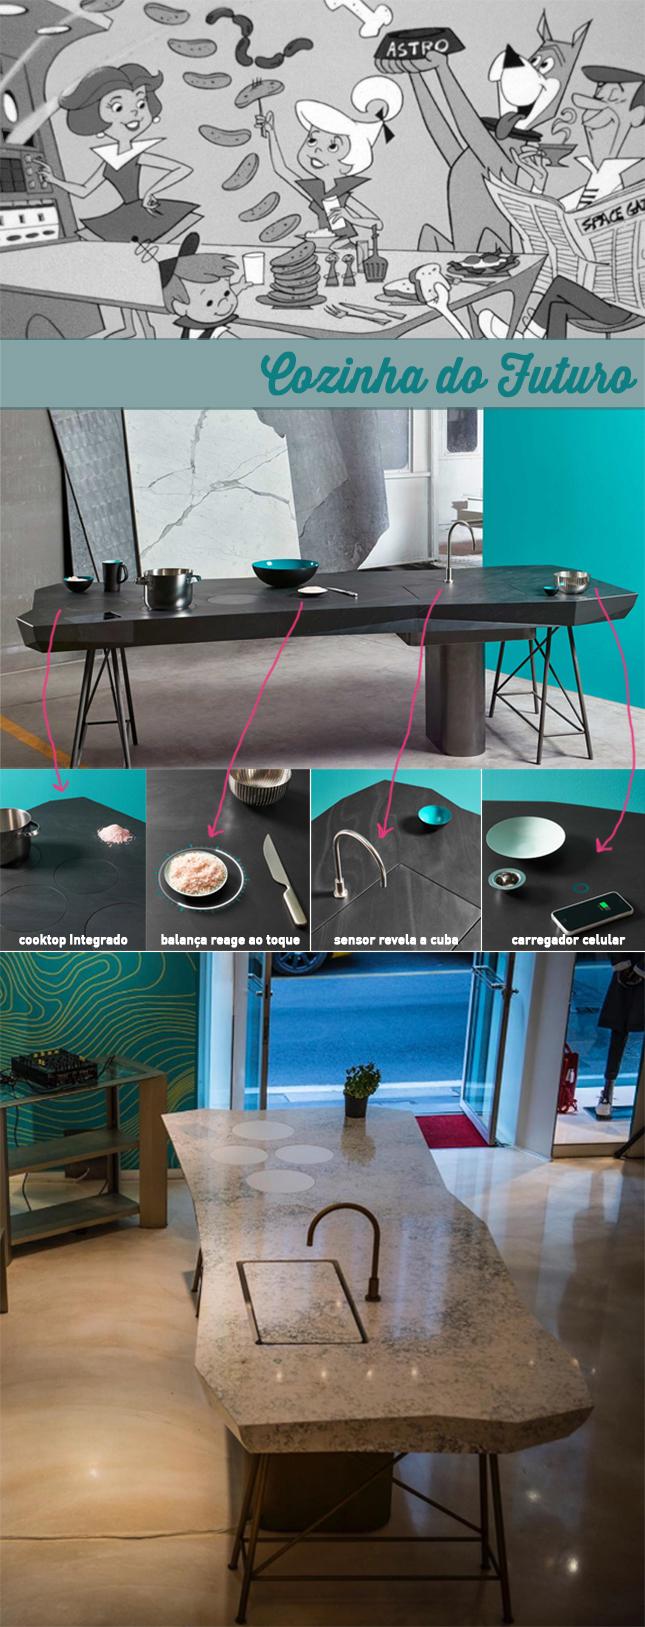 decoradornet-copyright-ambiente-cozinha-30-05